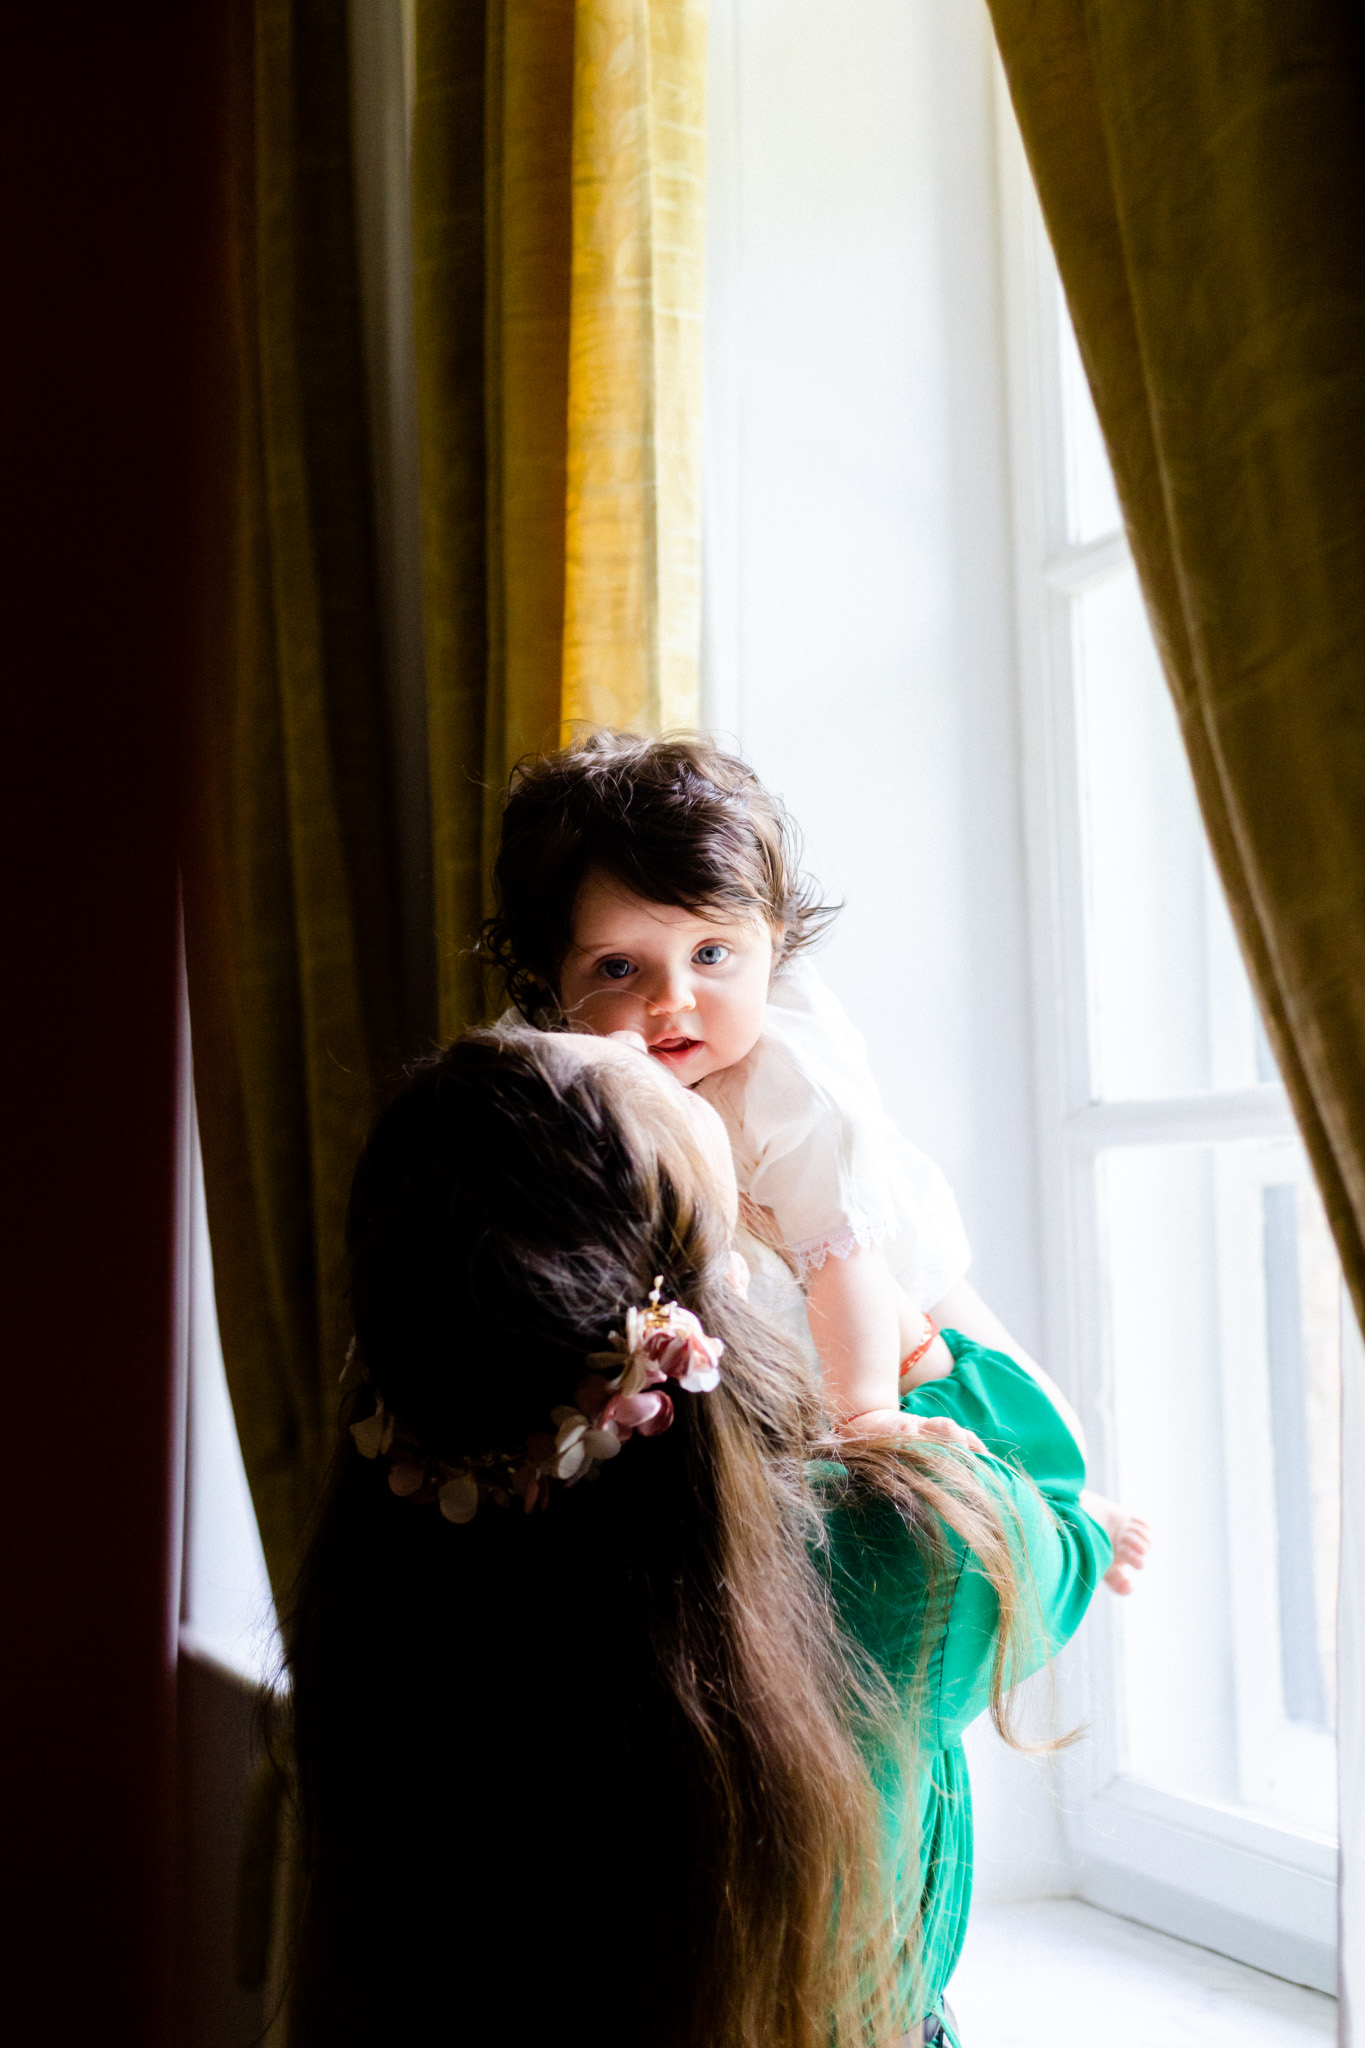 Fotografie de familie fotograf Dana Sacalov